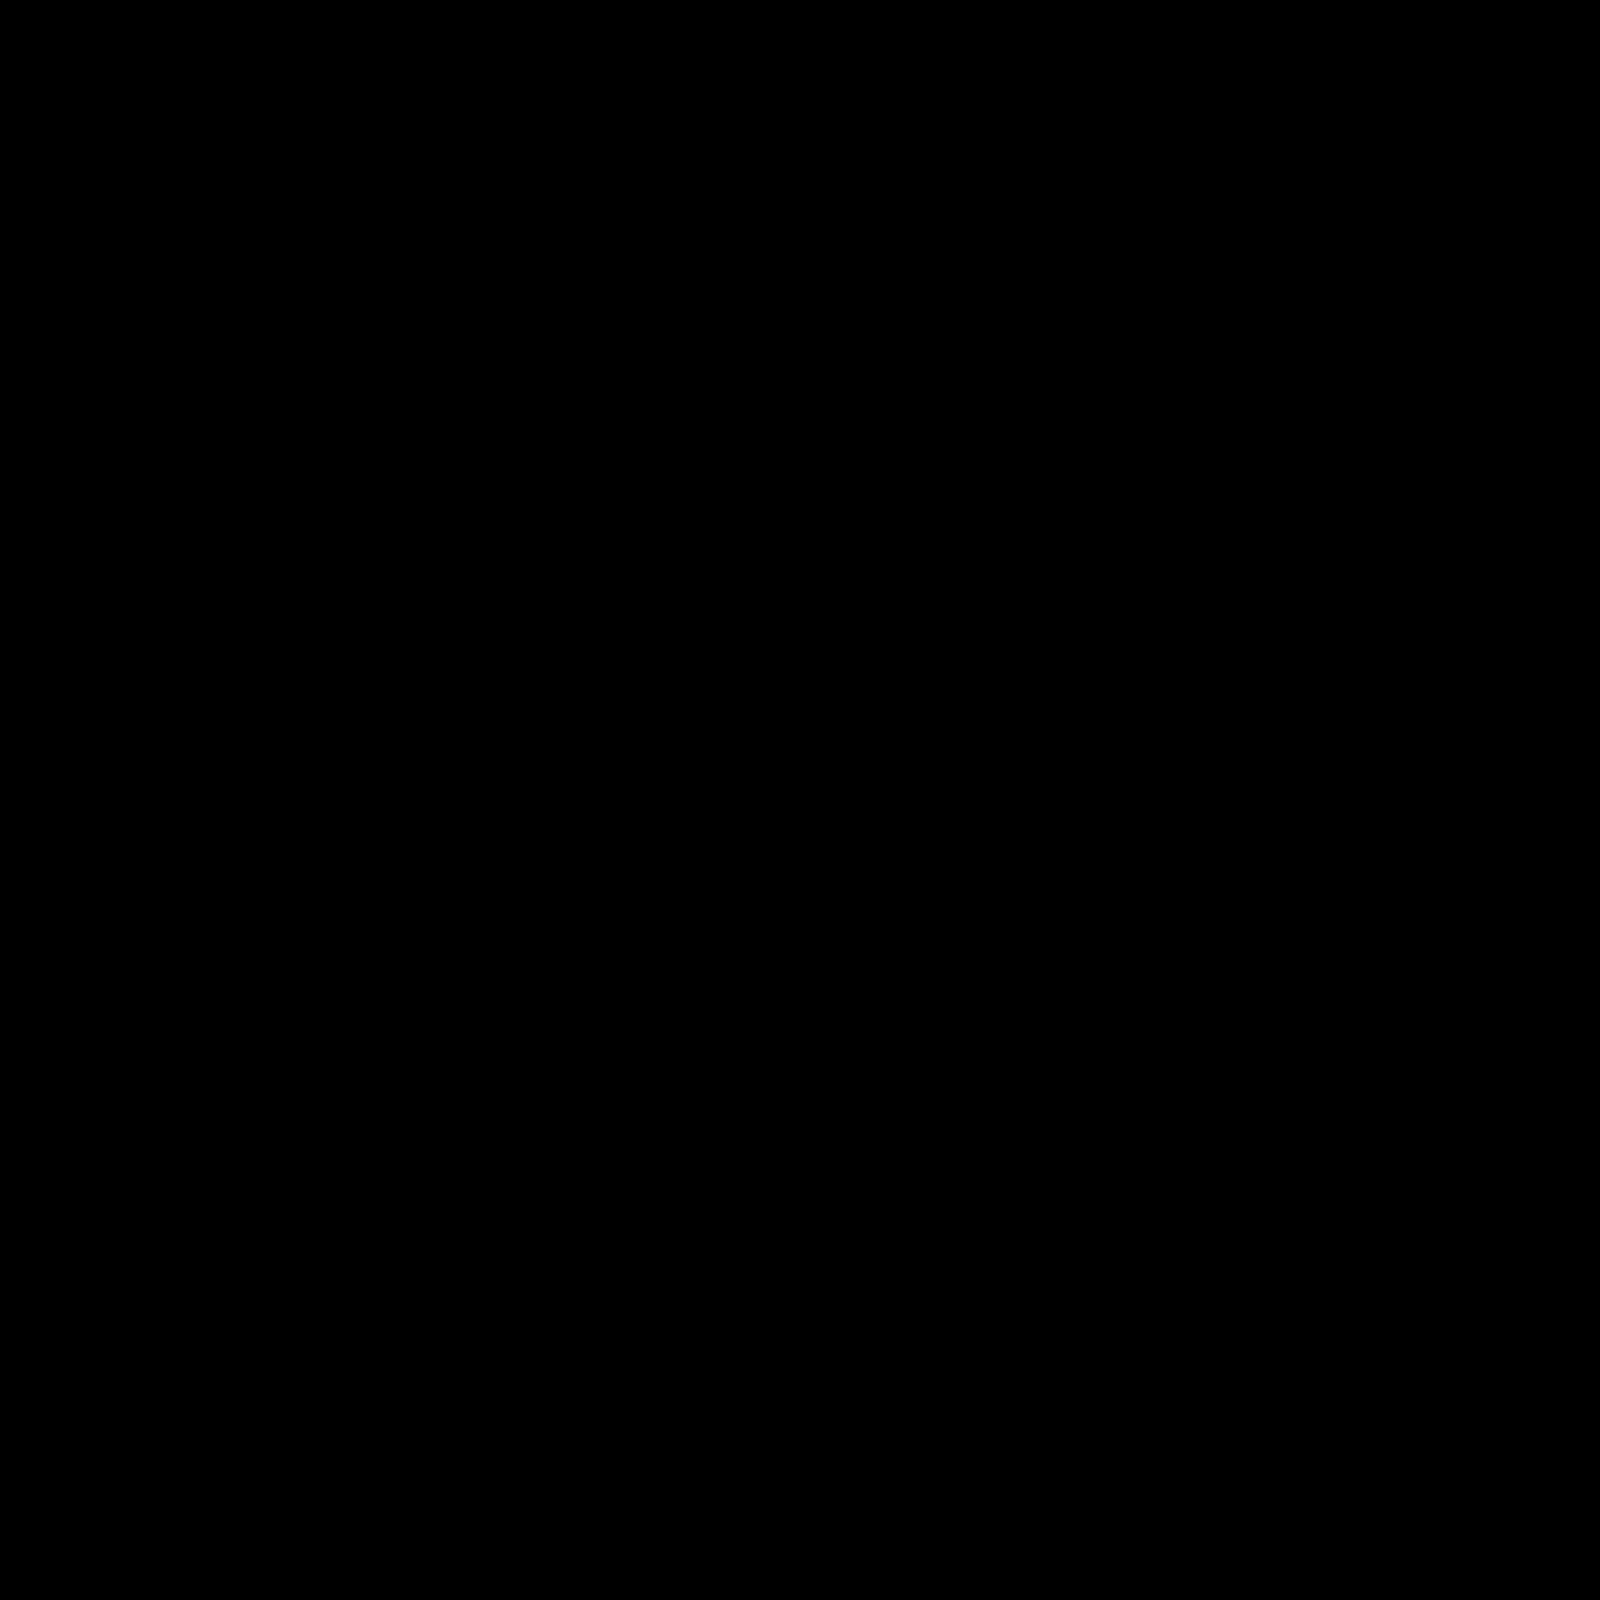 Бодиборд icon